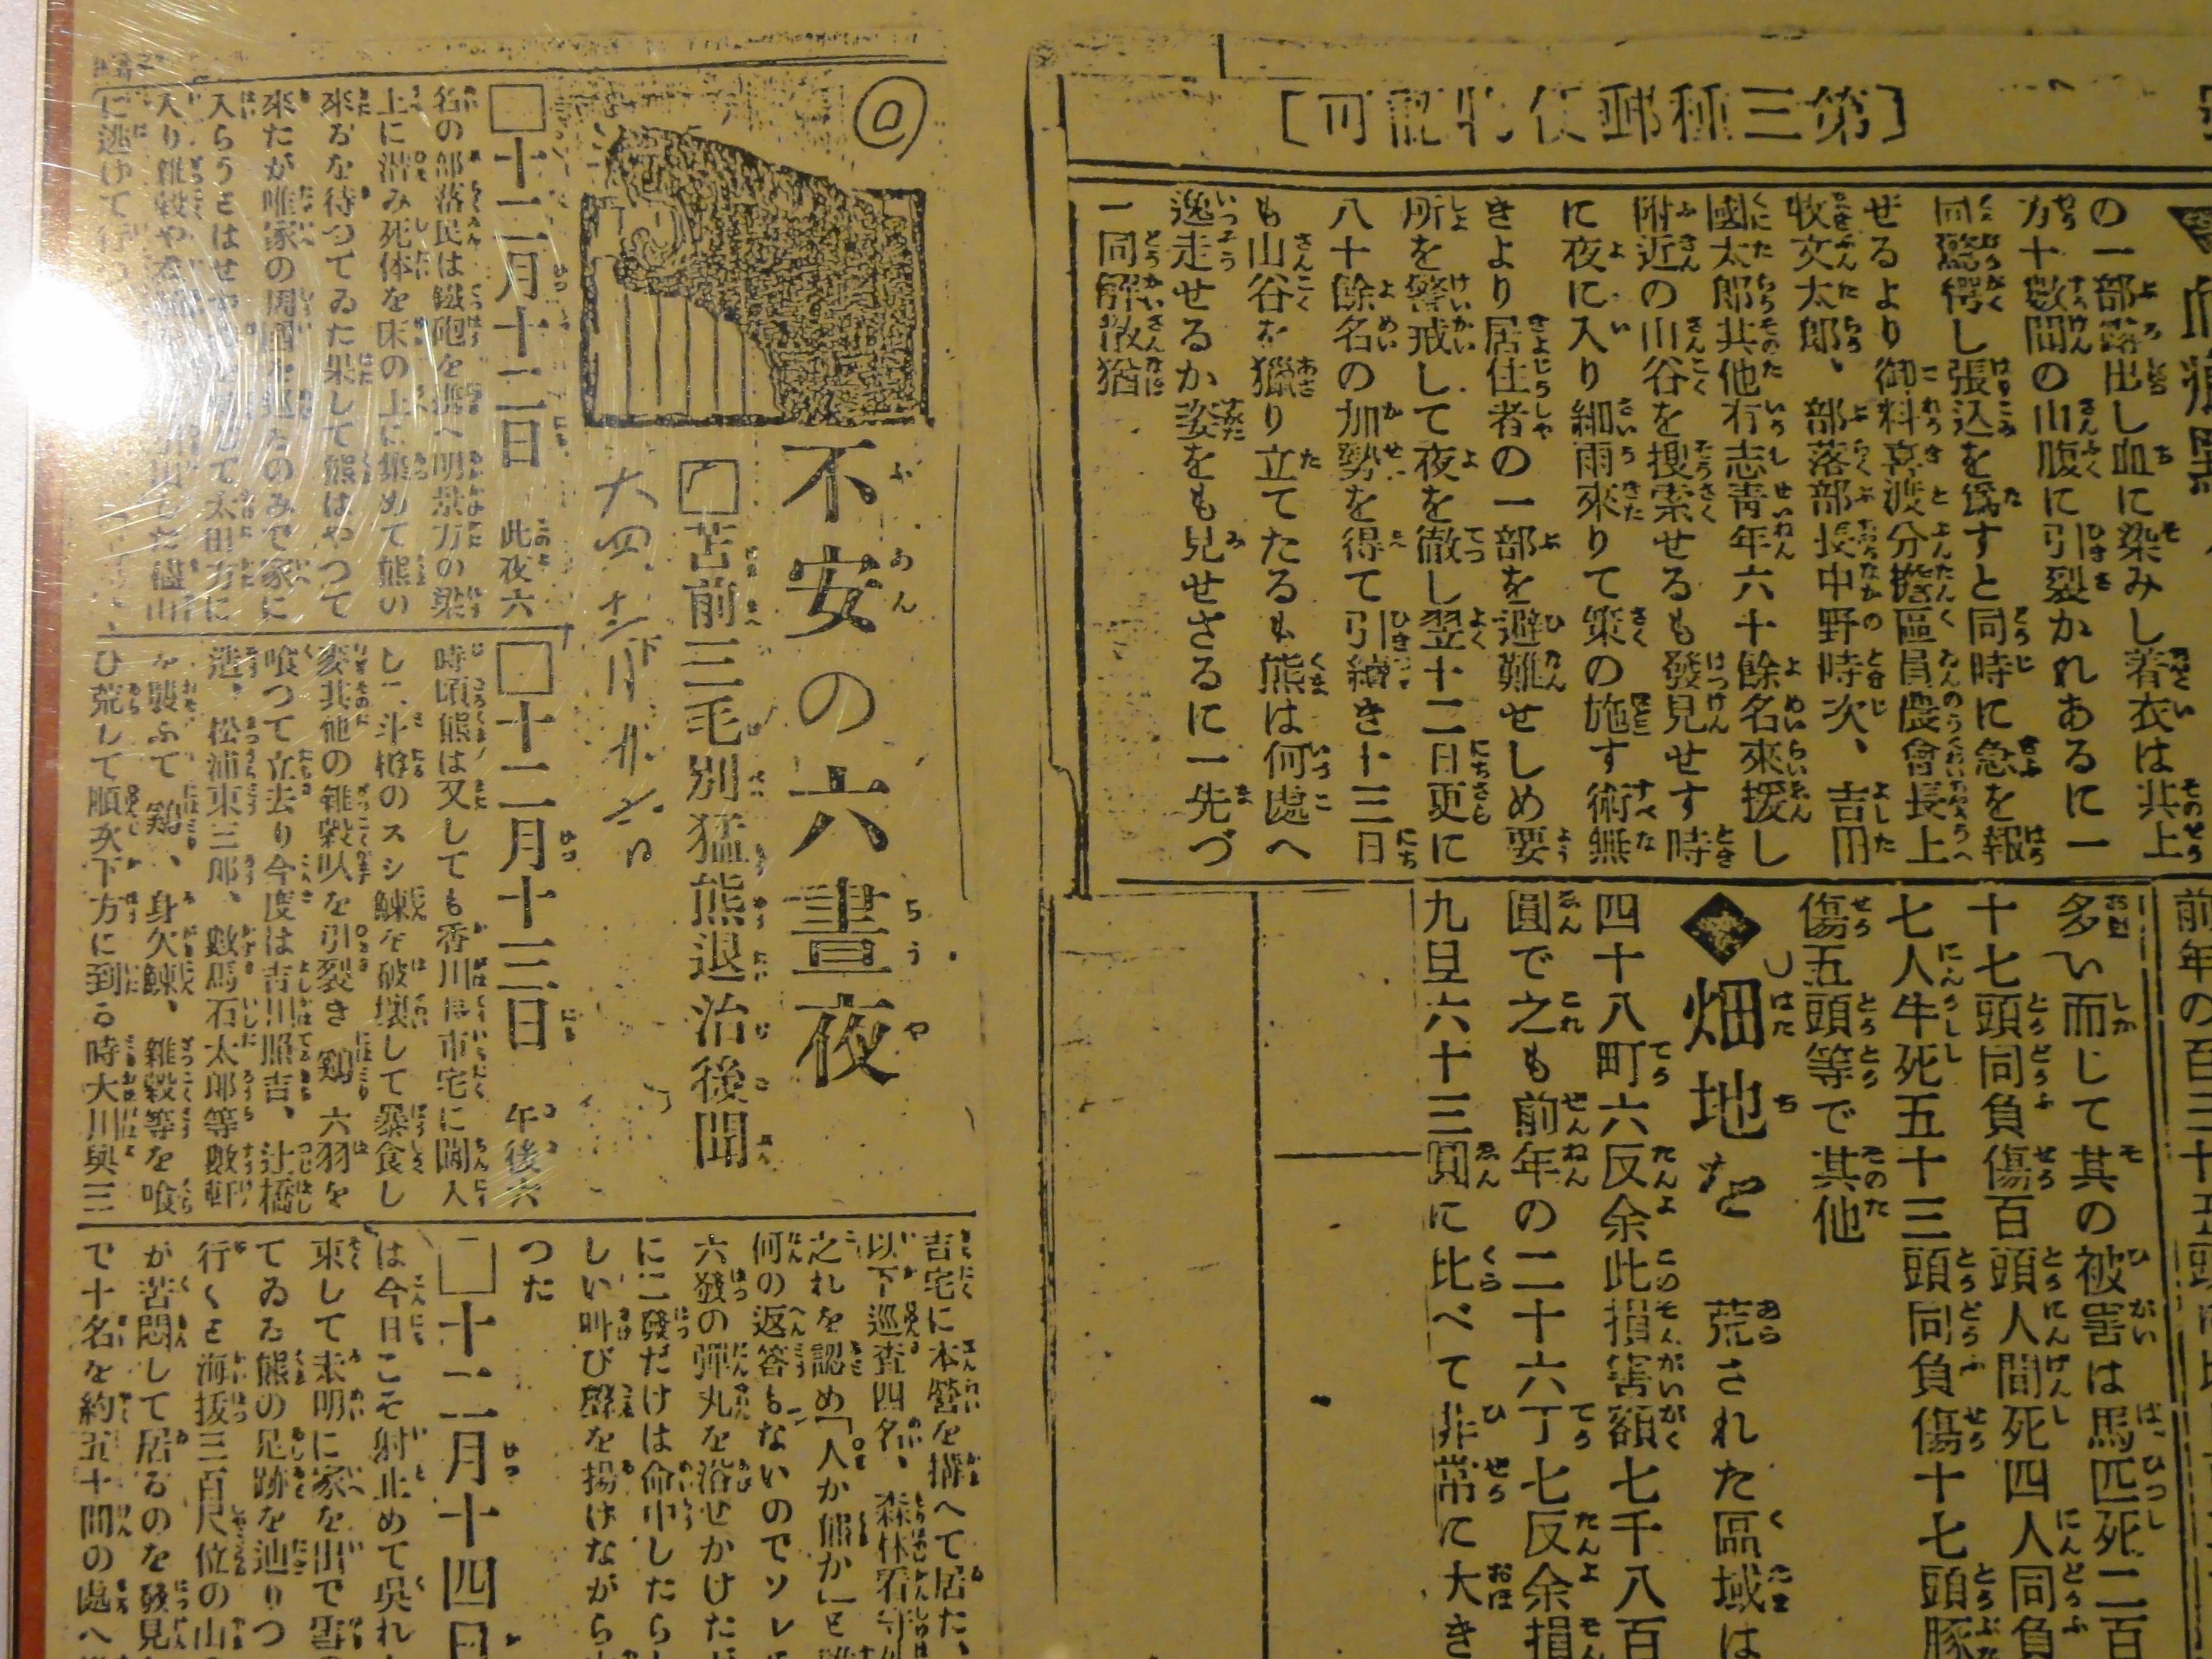 三毛別羆事件当時の記事